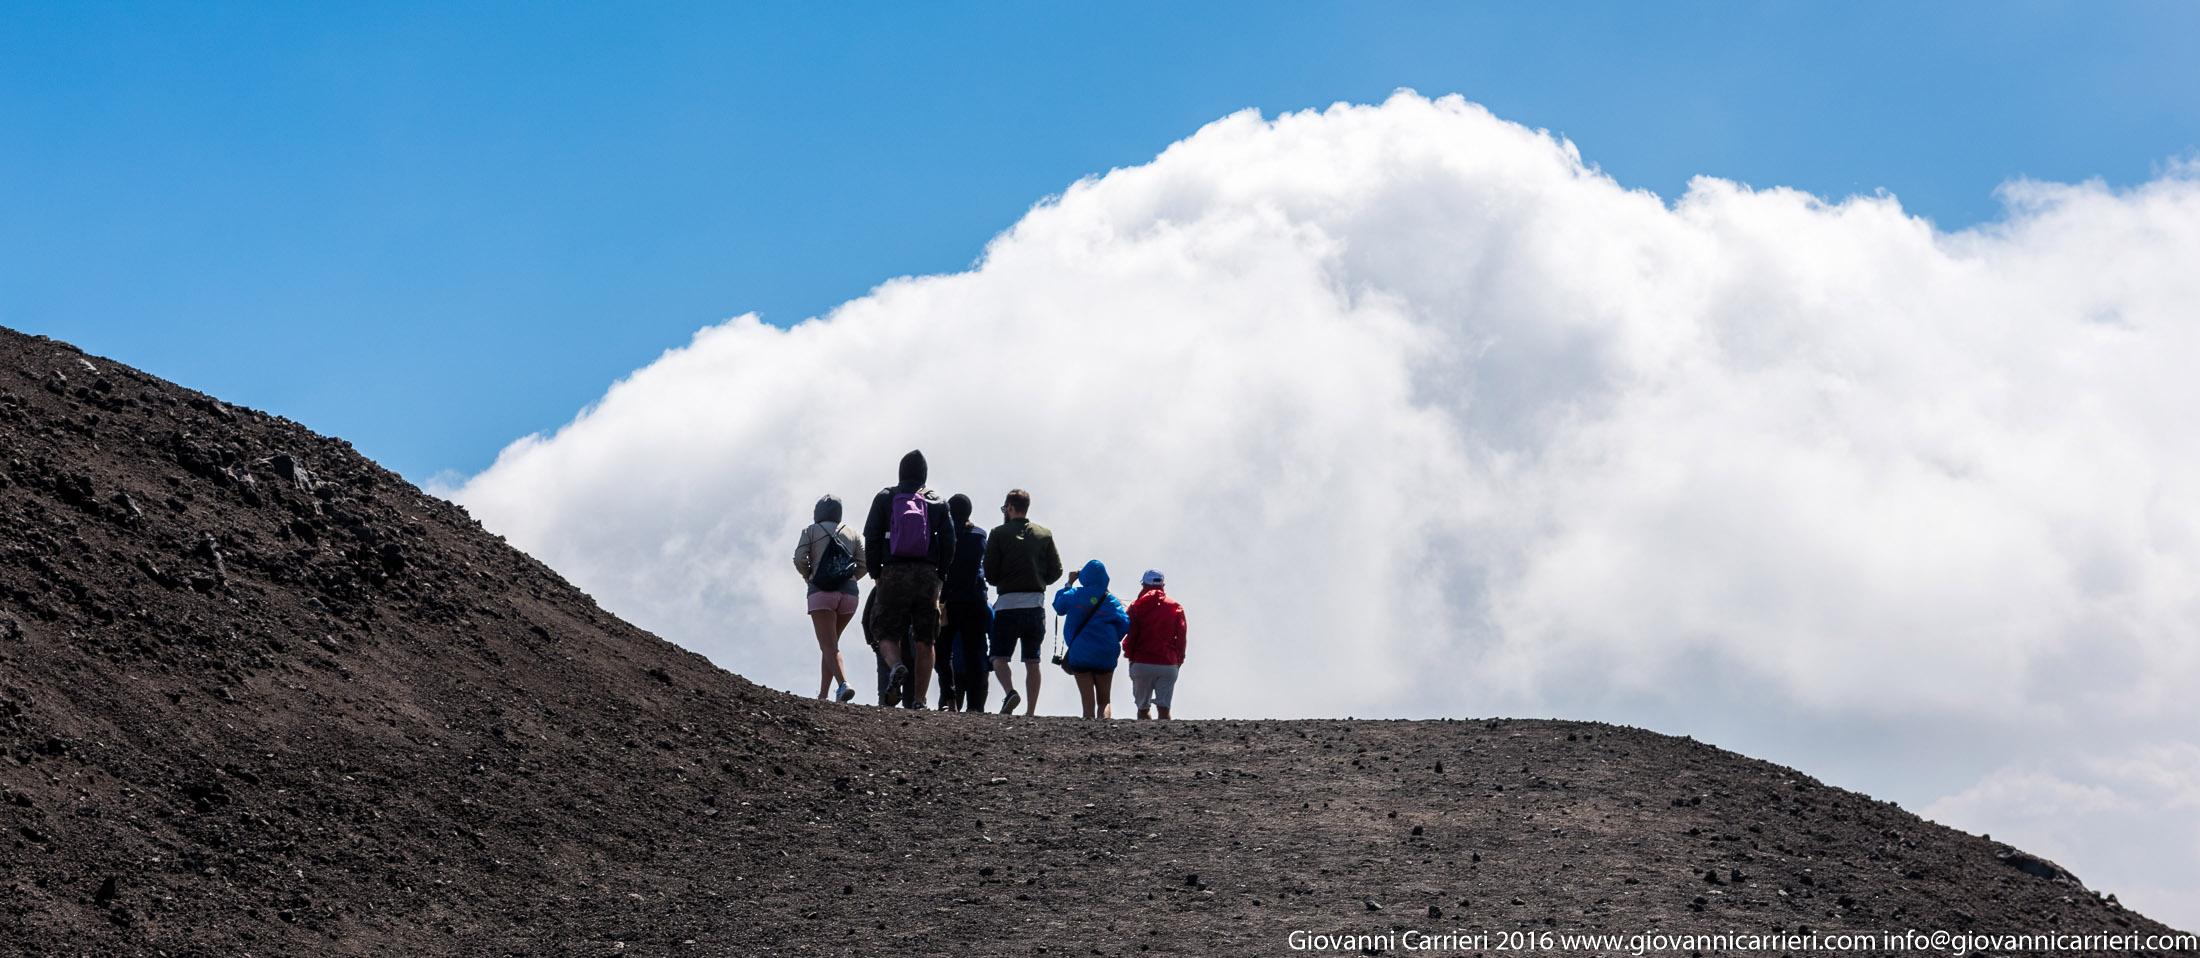 Passeggiando tra le nuvole ed il Vulcano Etna